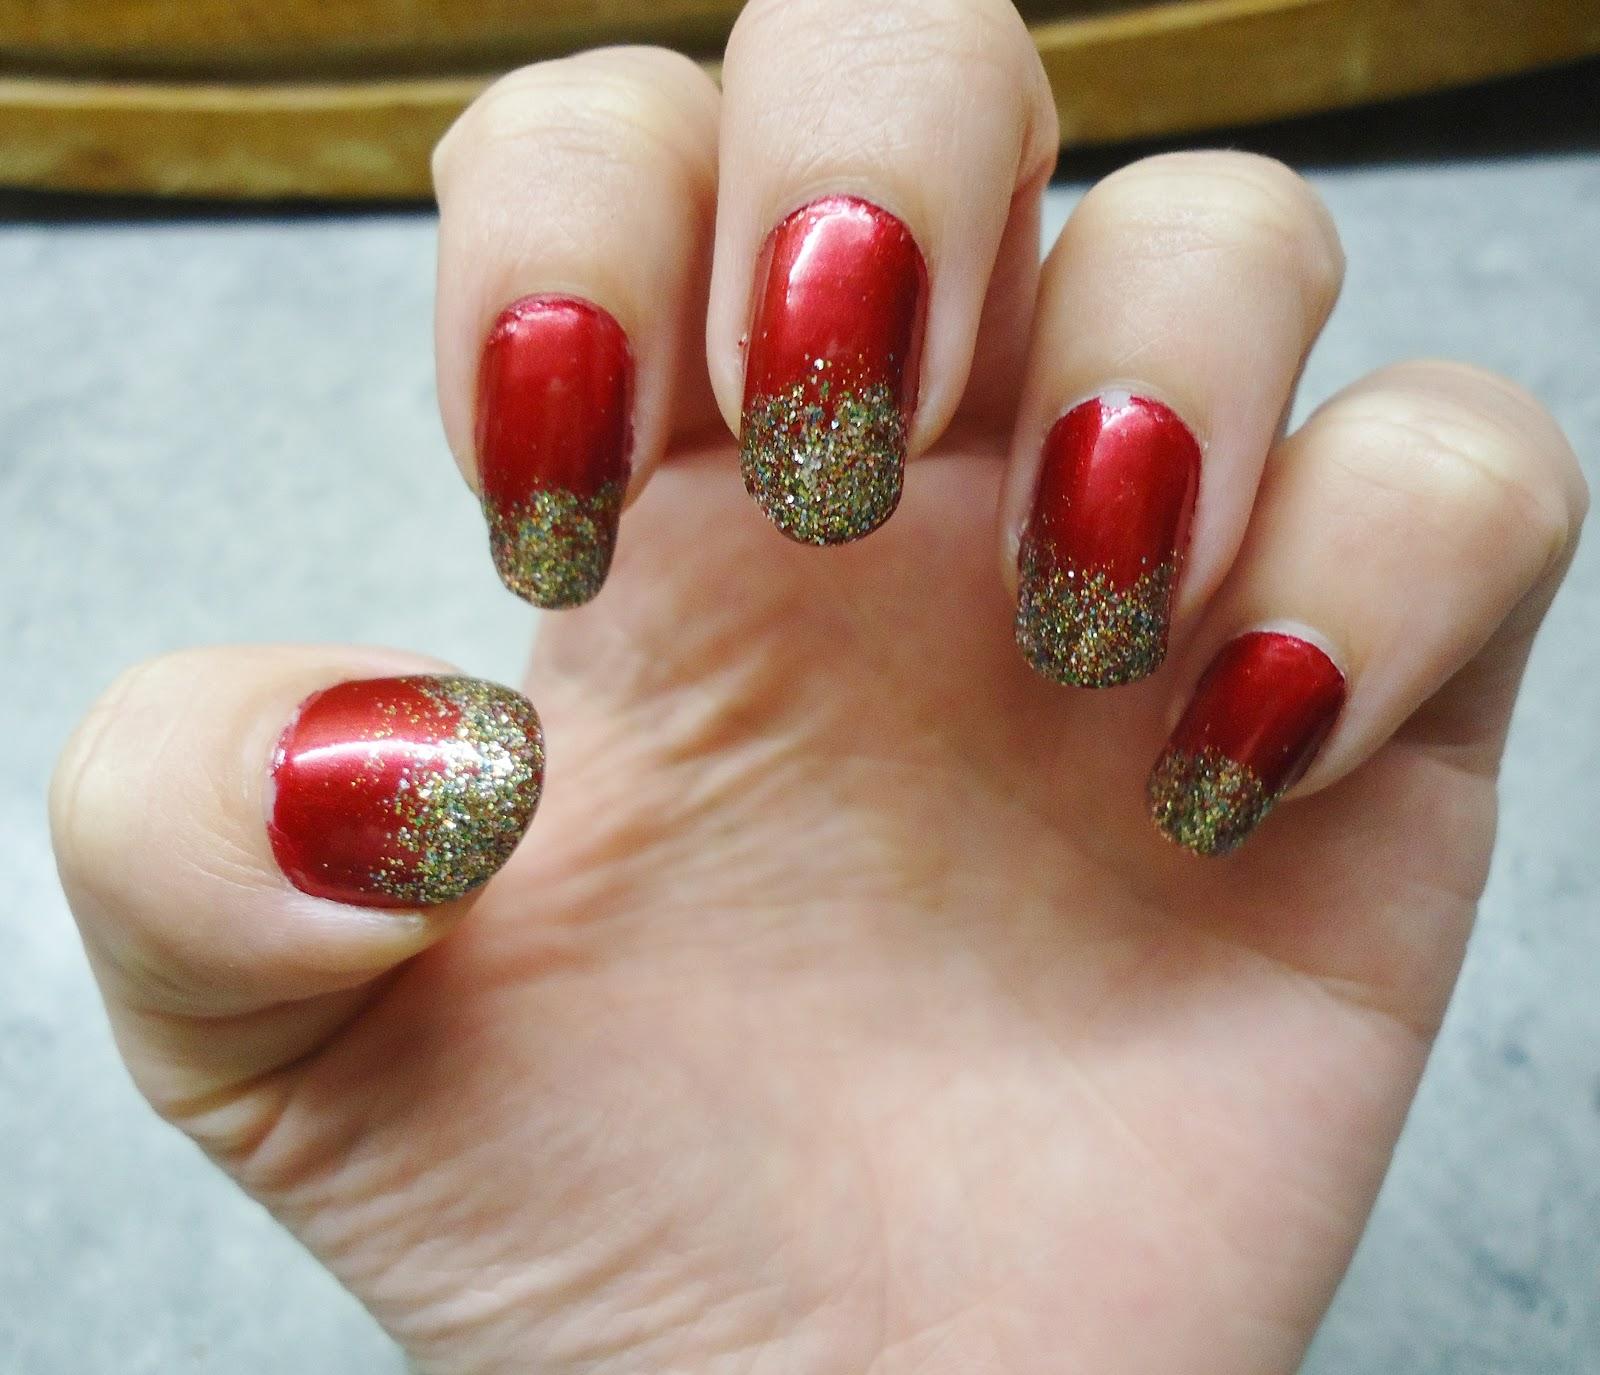 Faszinierend Weihnachts Nägel Rot Sammlung Von Für Mich Typisch Weihnachten. :) Benutzt Habe